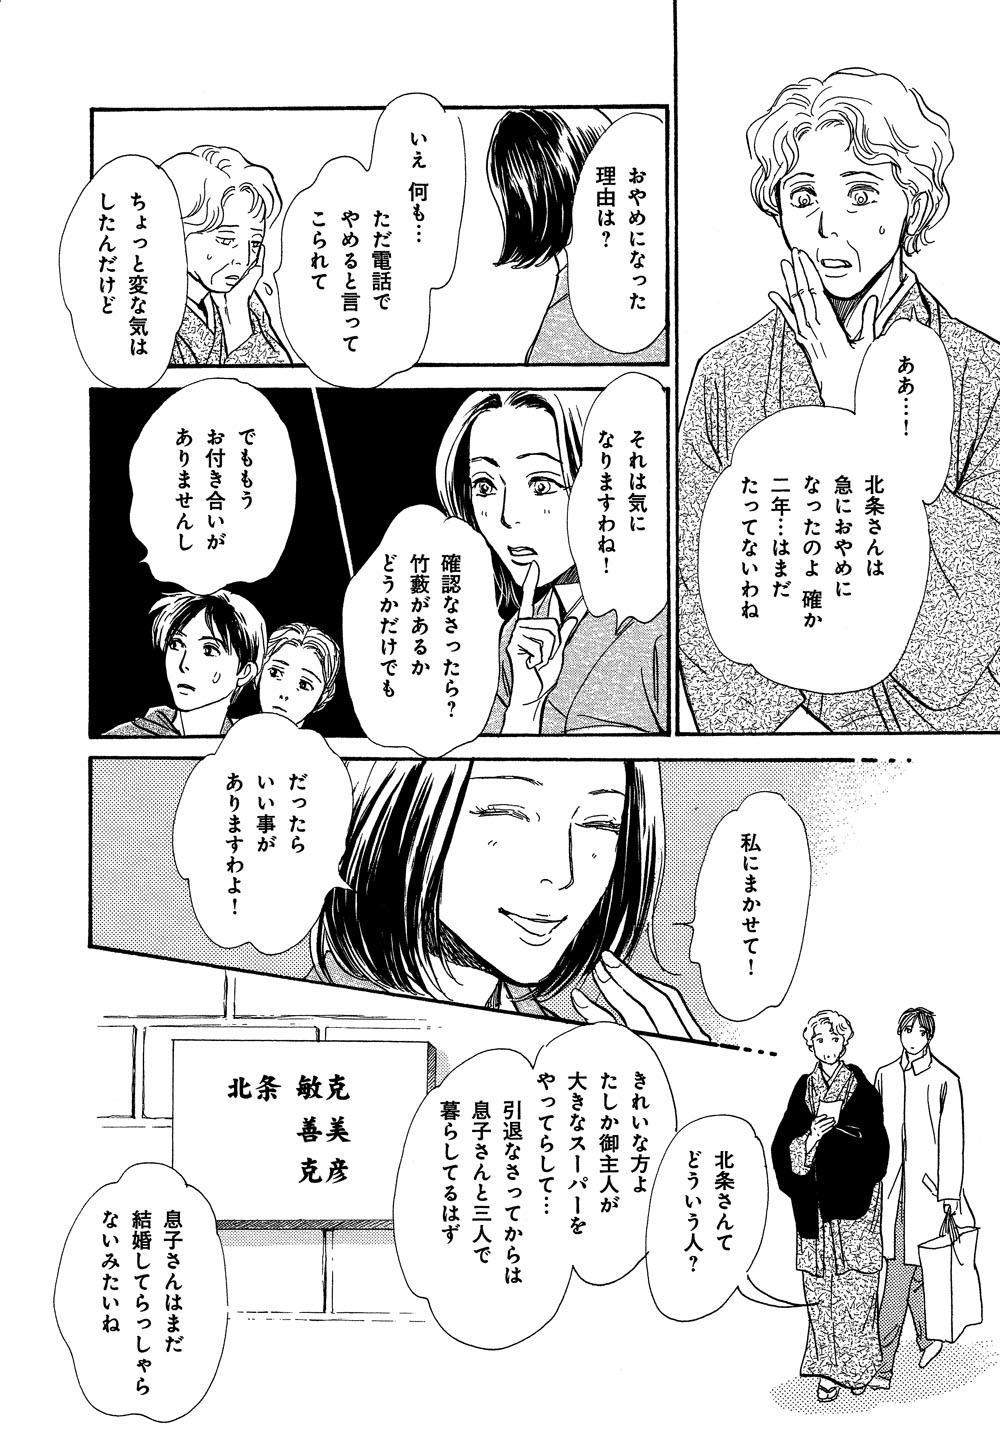 hyakki_0021_0022.jpg